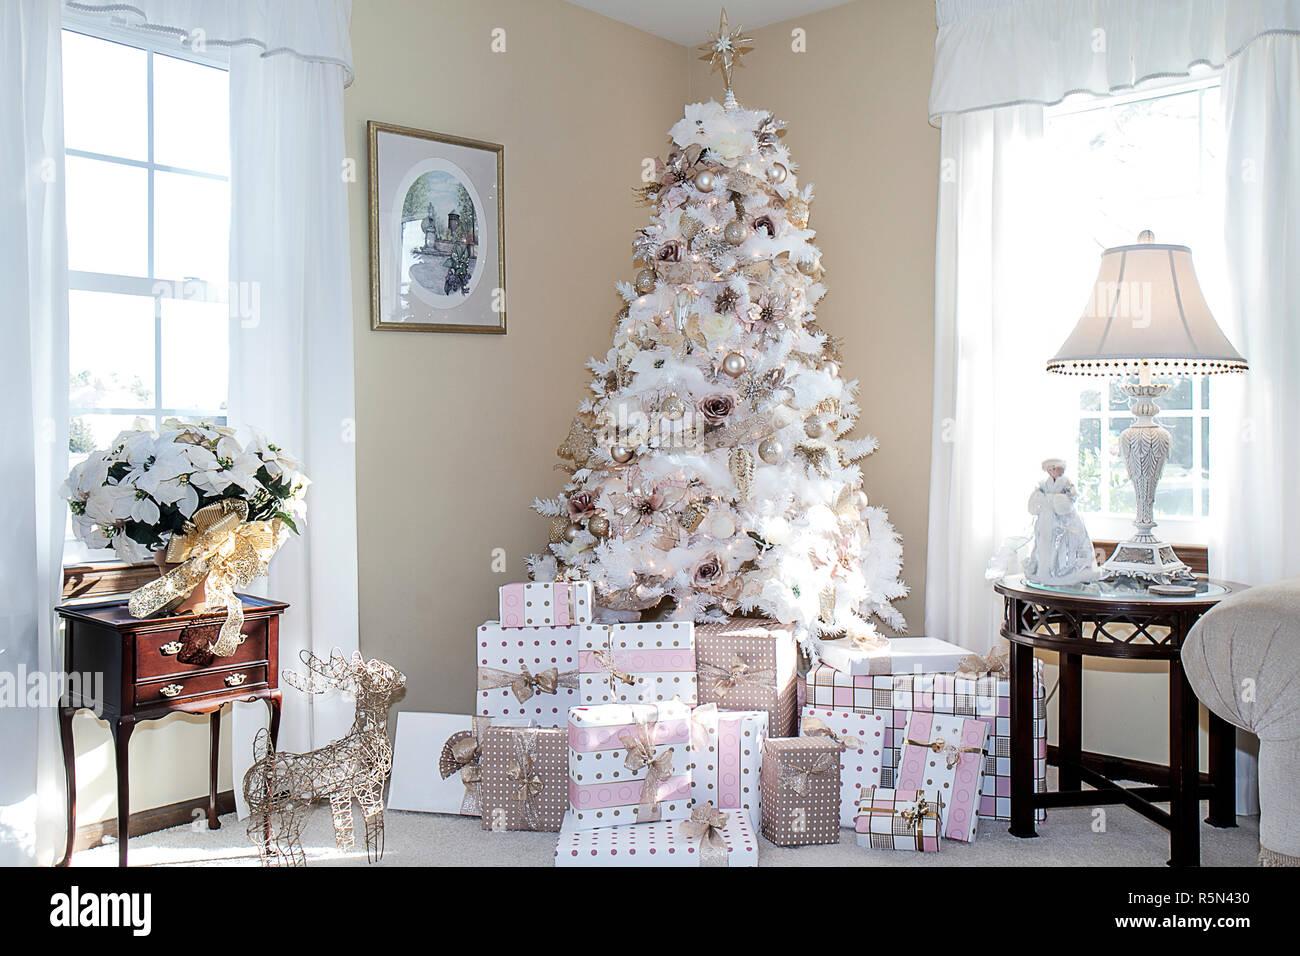 Weiß verträumt Weihnachtsbaum im Wohnzimmer des Hauses in der ...